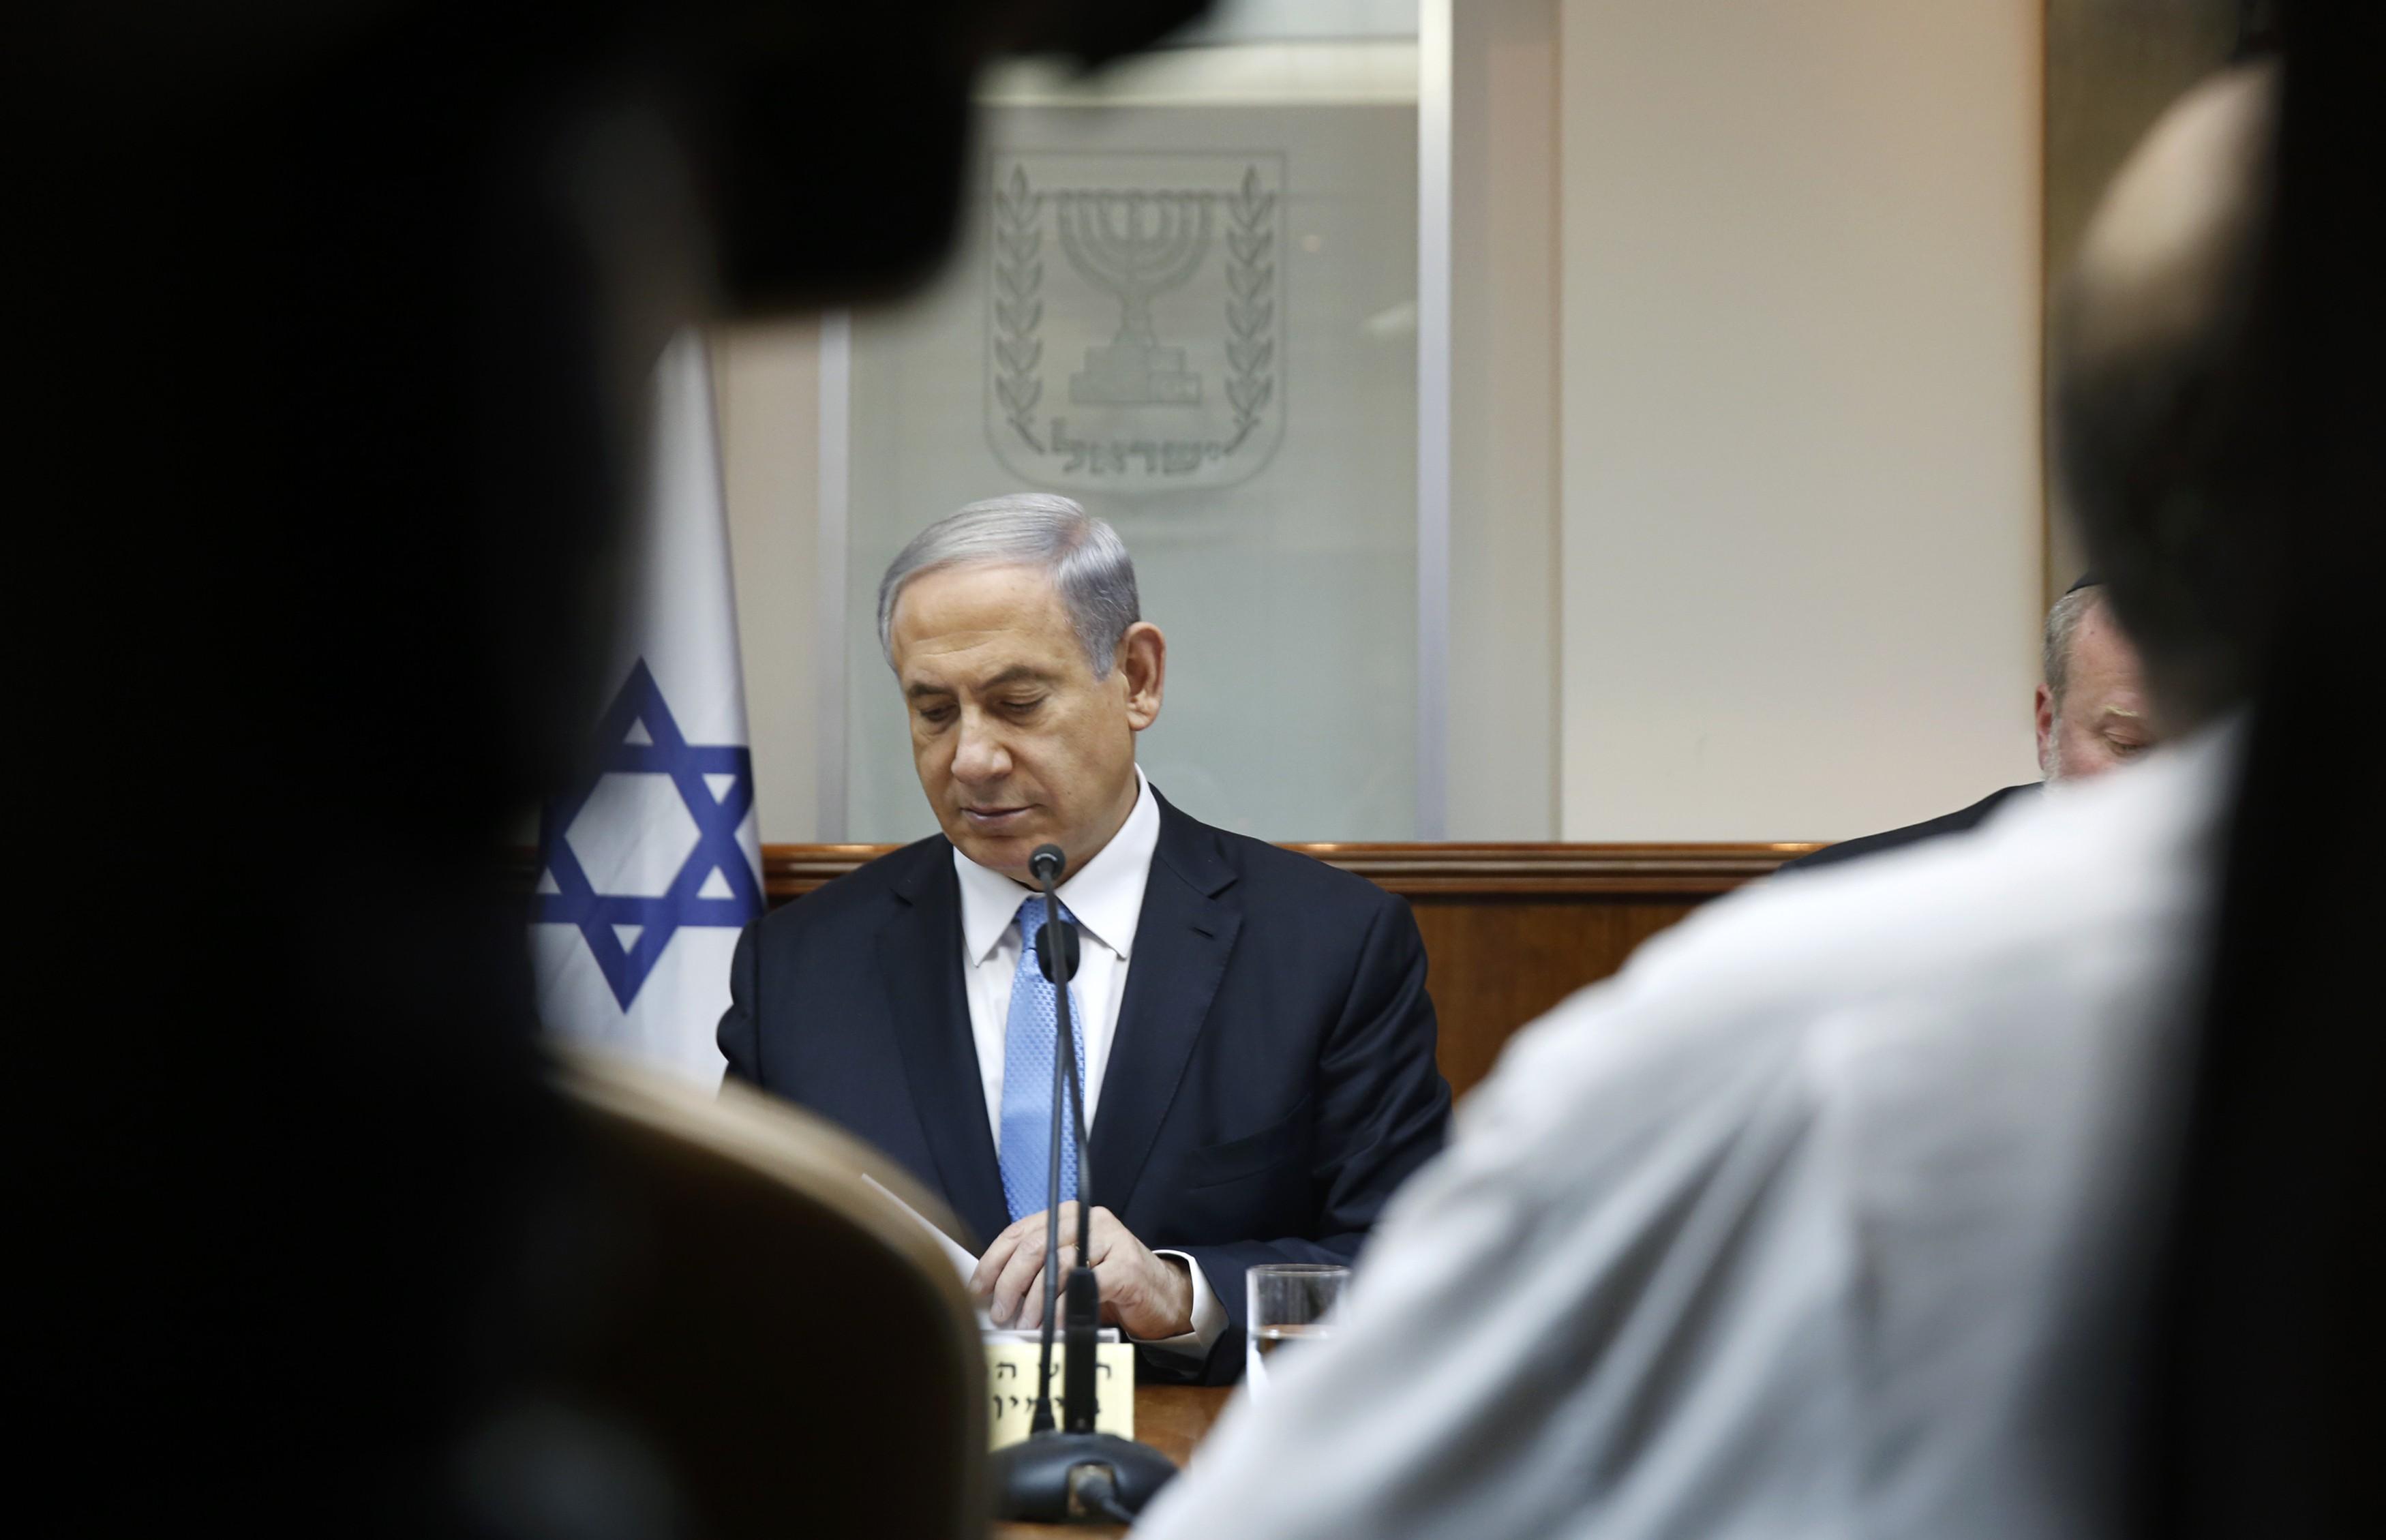 کاربران پاسخ نخستوزیر اسرائیل را دادند: هیس،احمق ها فریاد نمی زنند